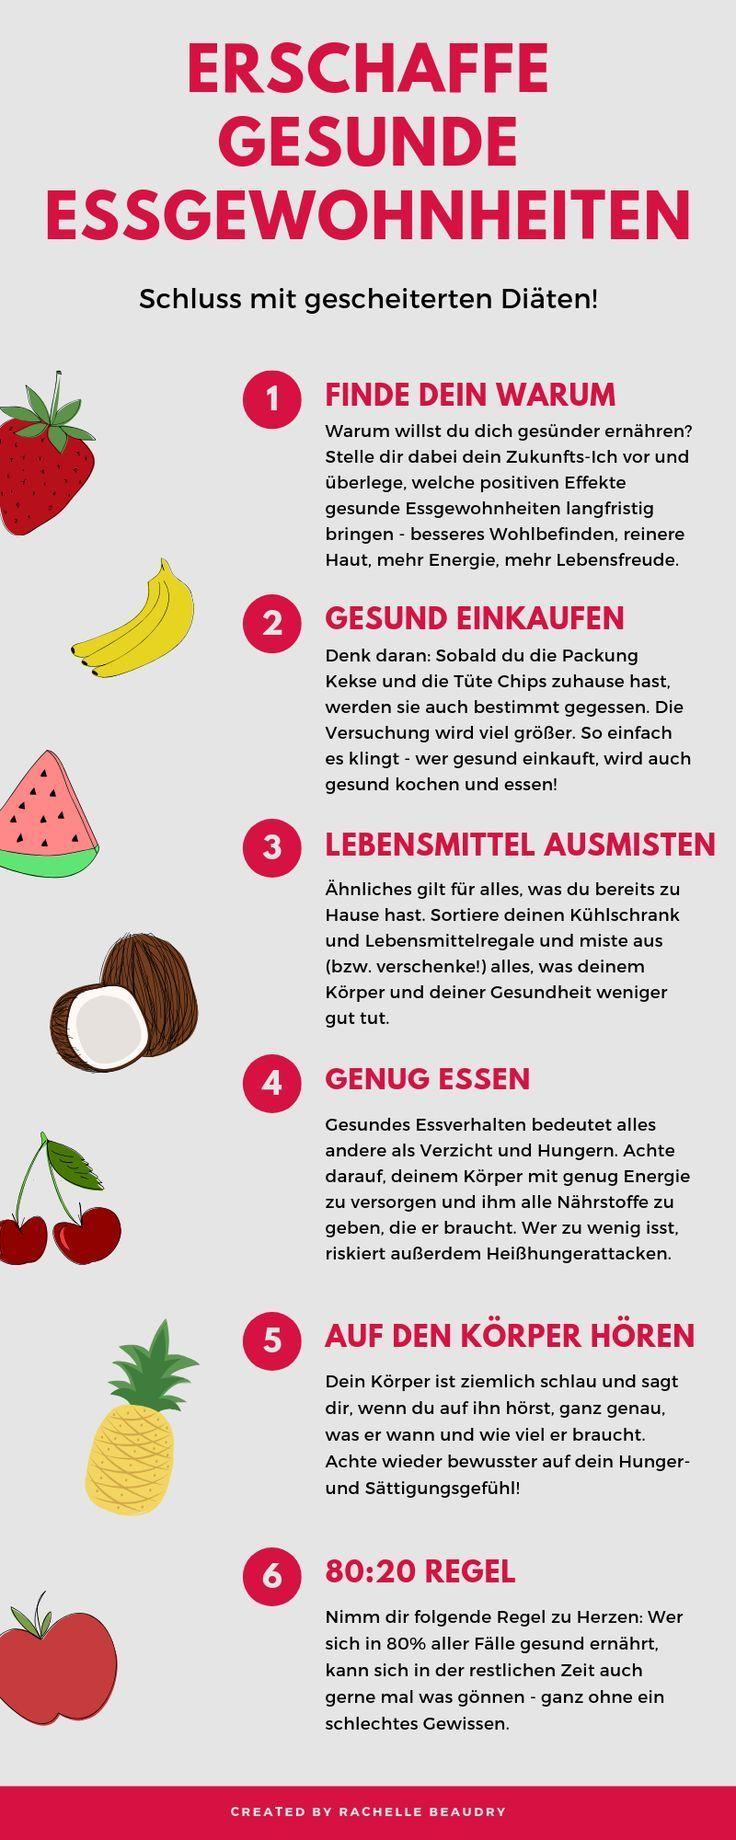 Gesunde Essgewohnheiten entwickeln #healthyliving